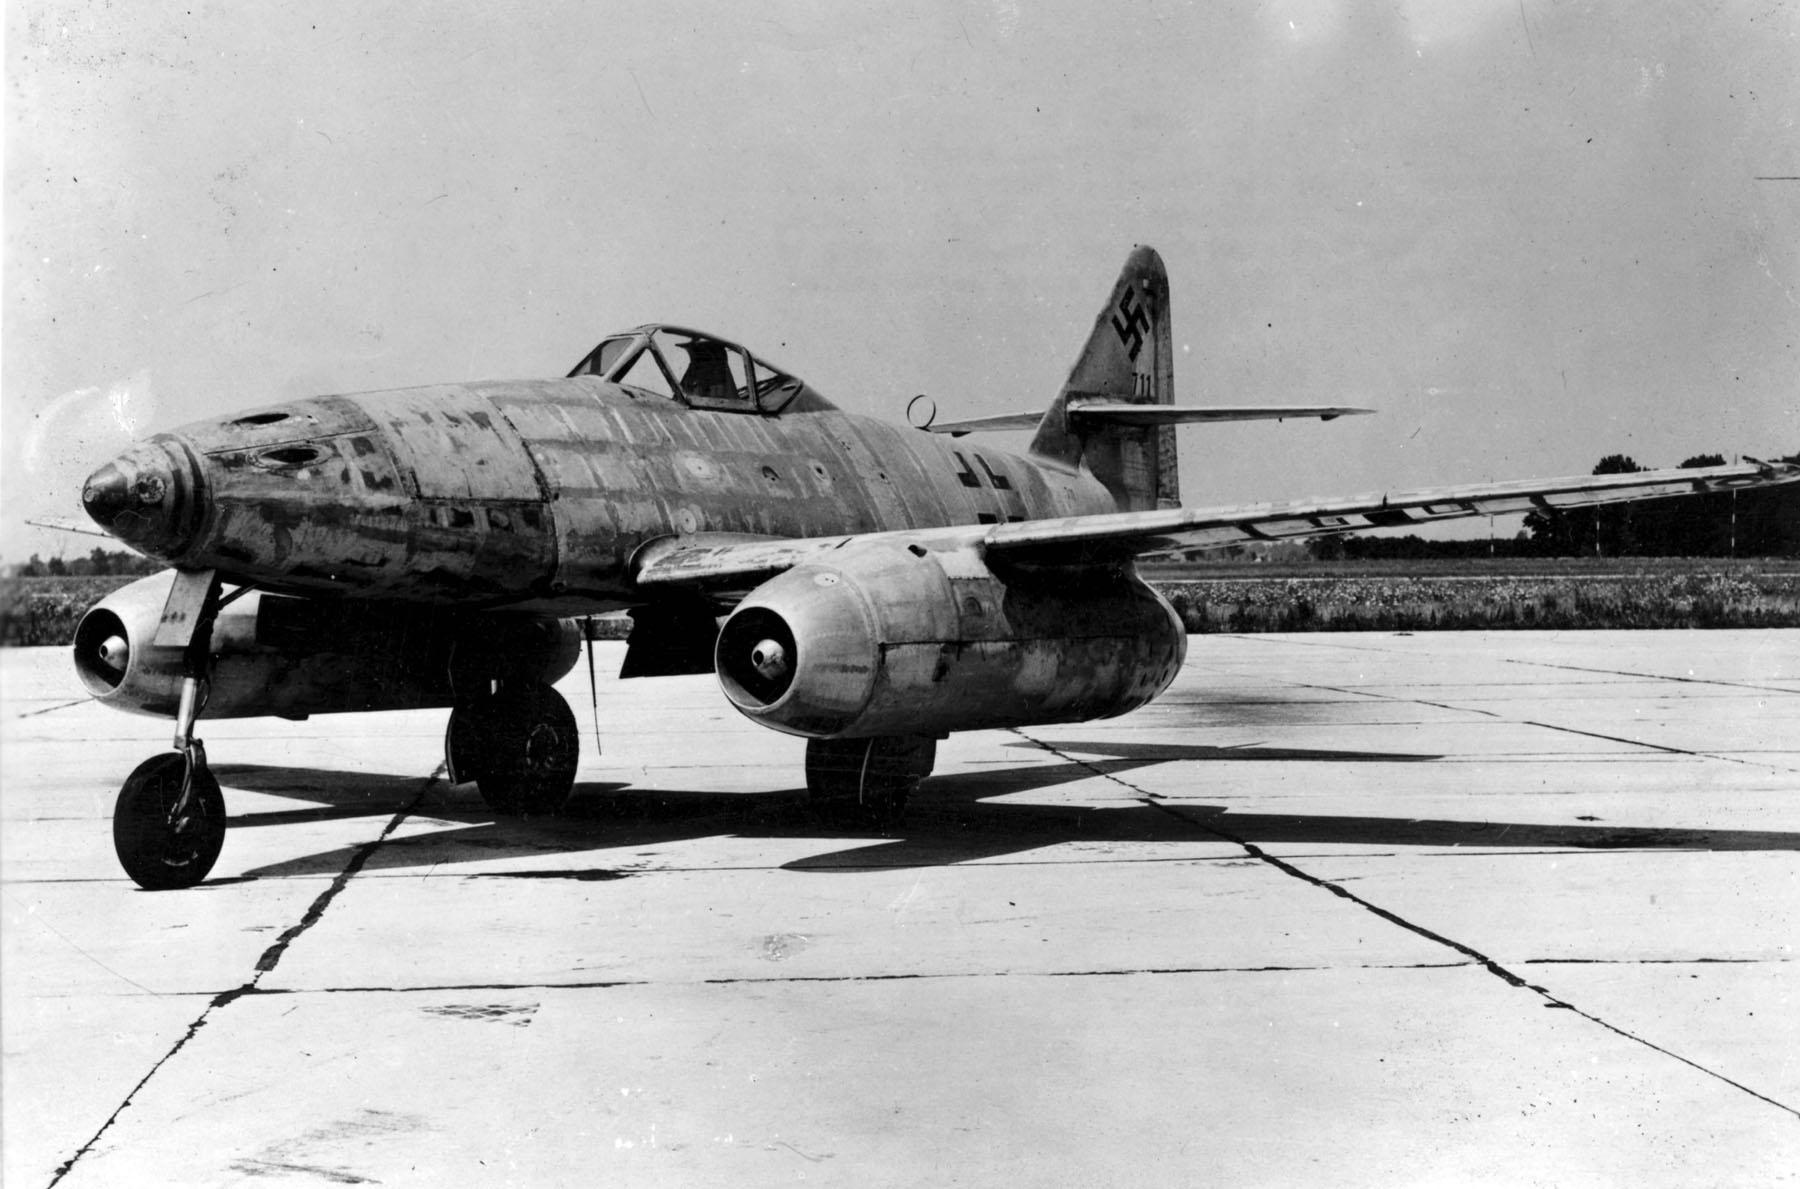 """Немецкий истребитель Messerschmitt Me 262 """"Schwalbe"""""""